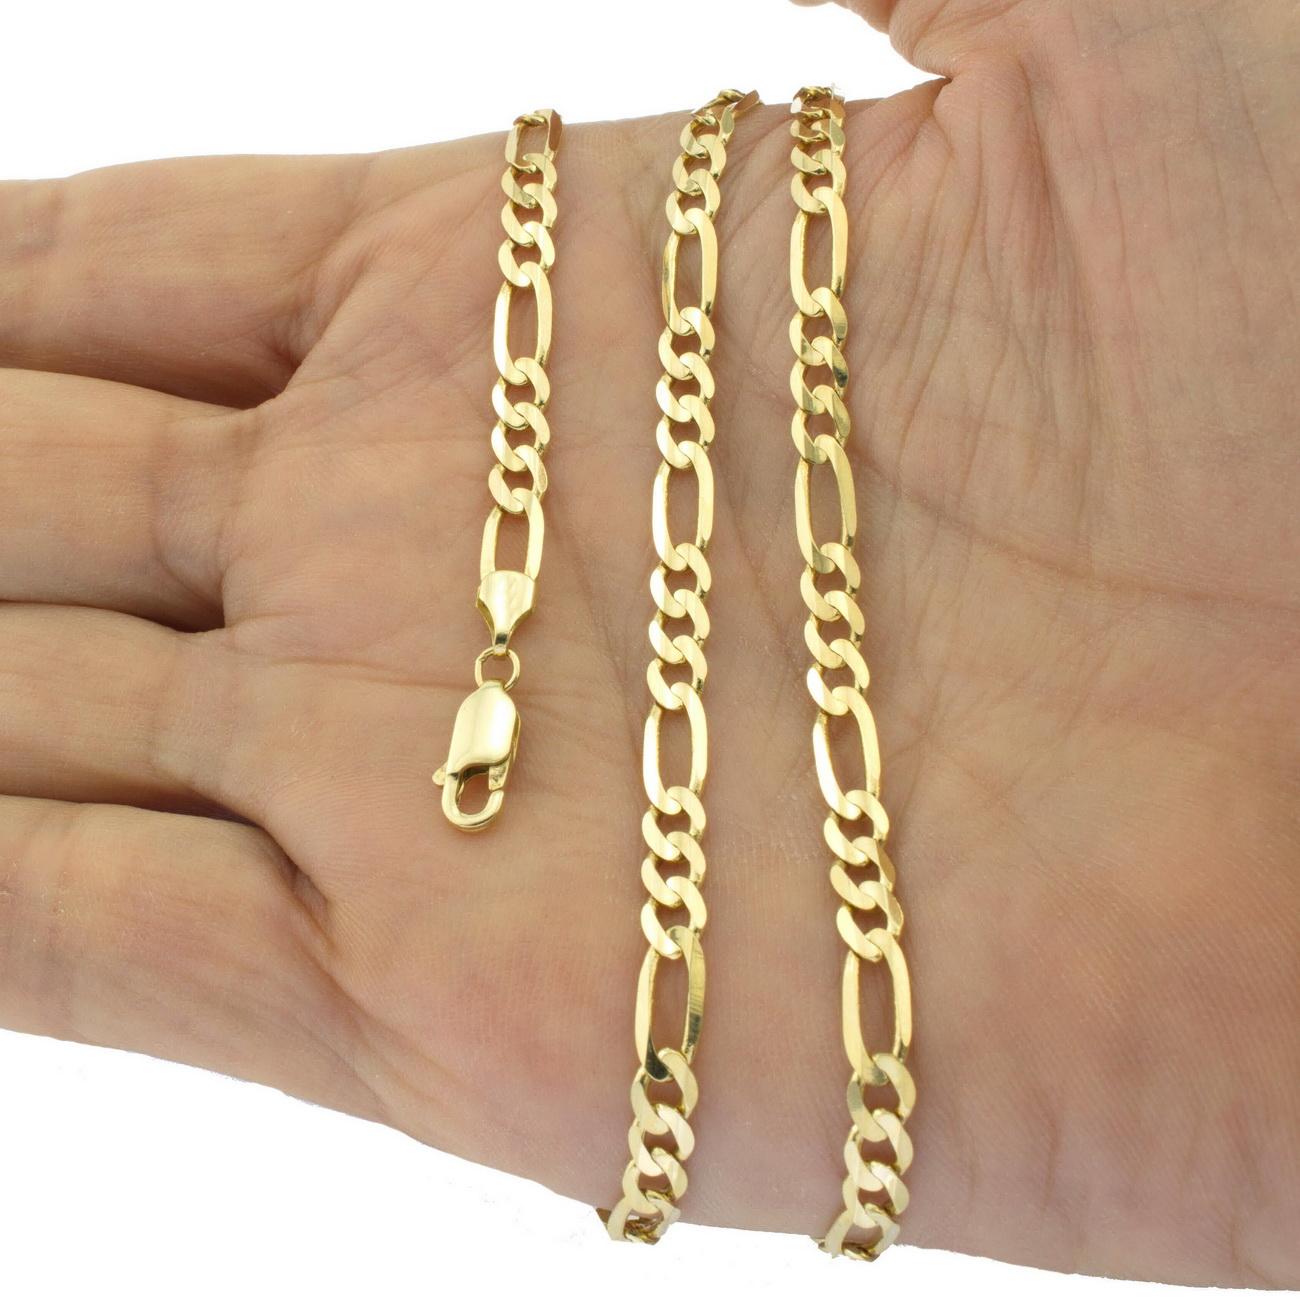 Chain Bracelet Womens: 10K Yellow Gold Italian Figaro Chain Link Bracelet Mens